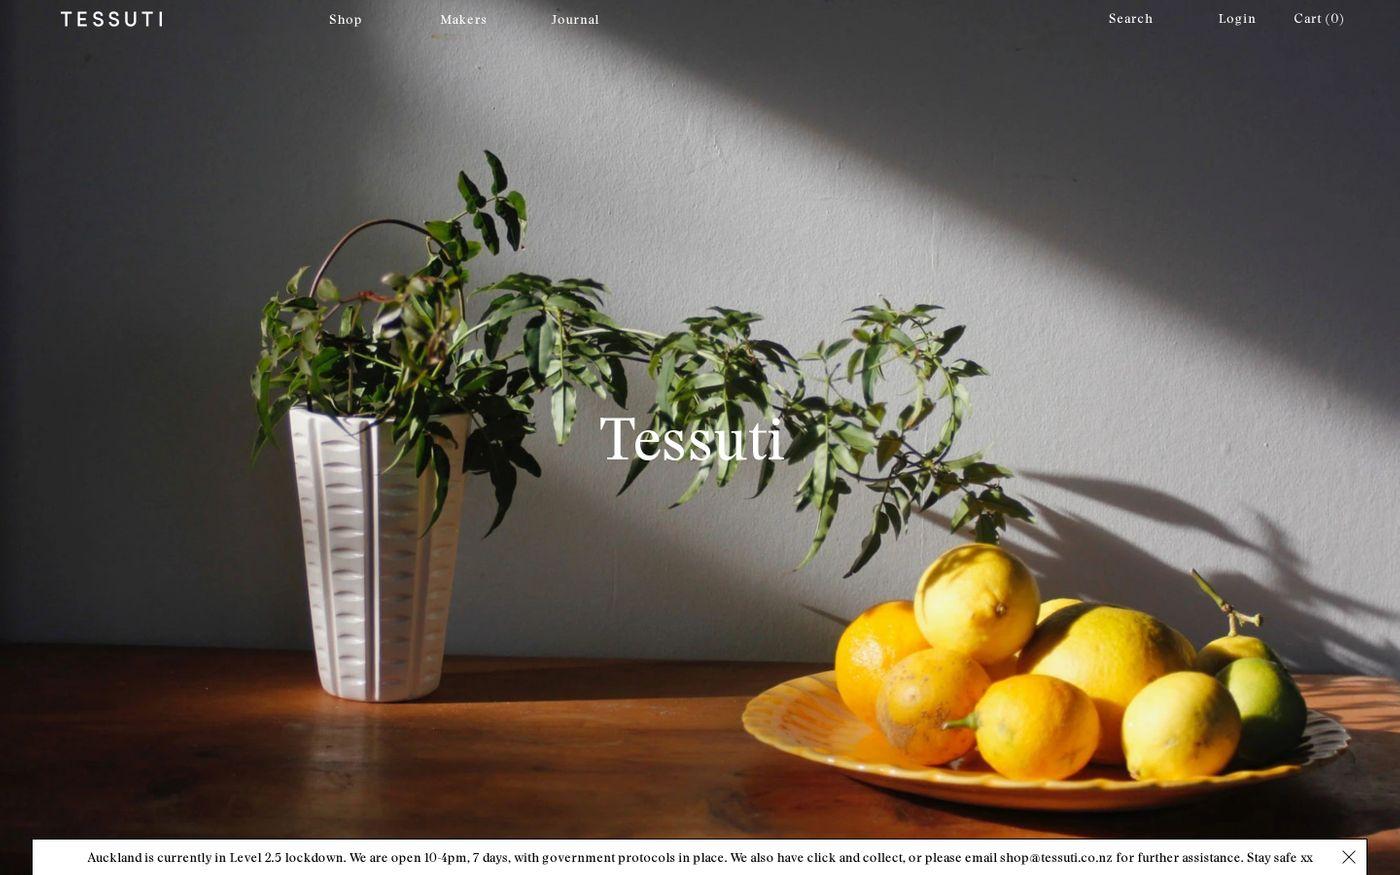 Screenshot of Tessuti website